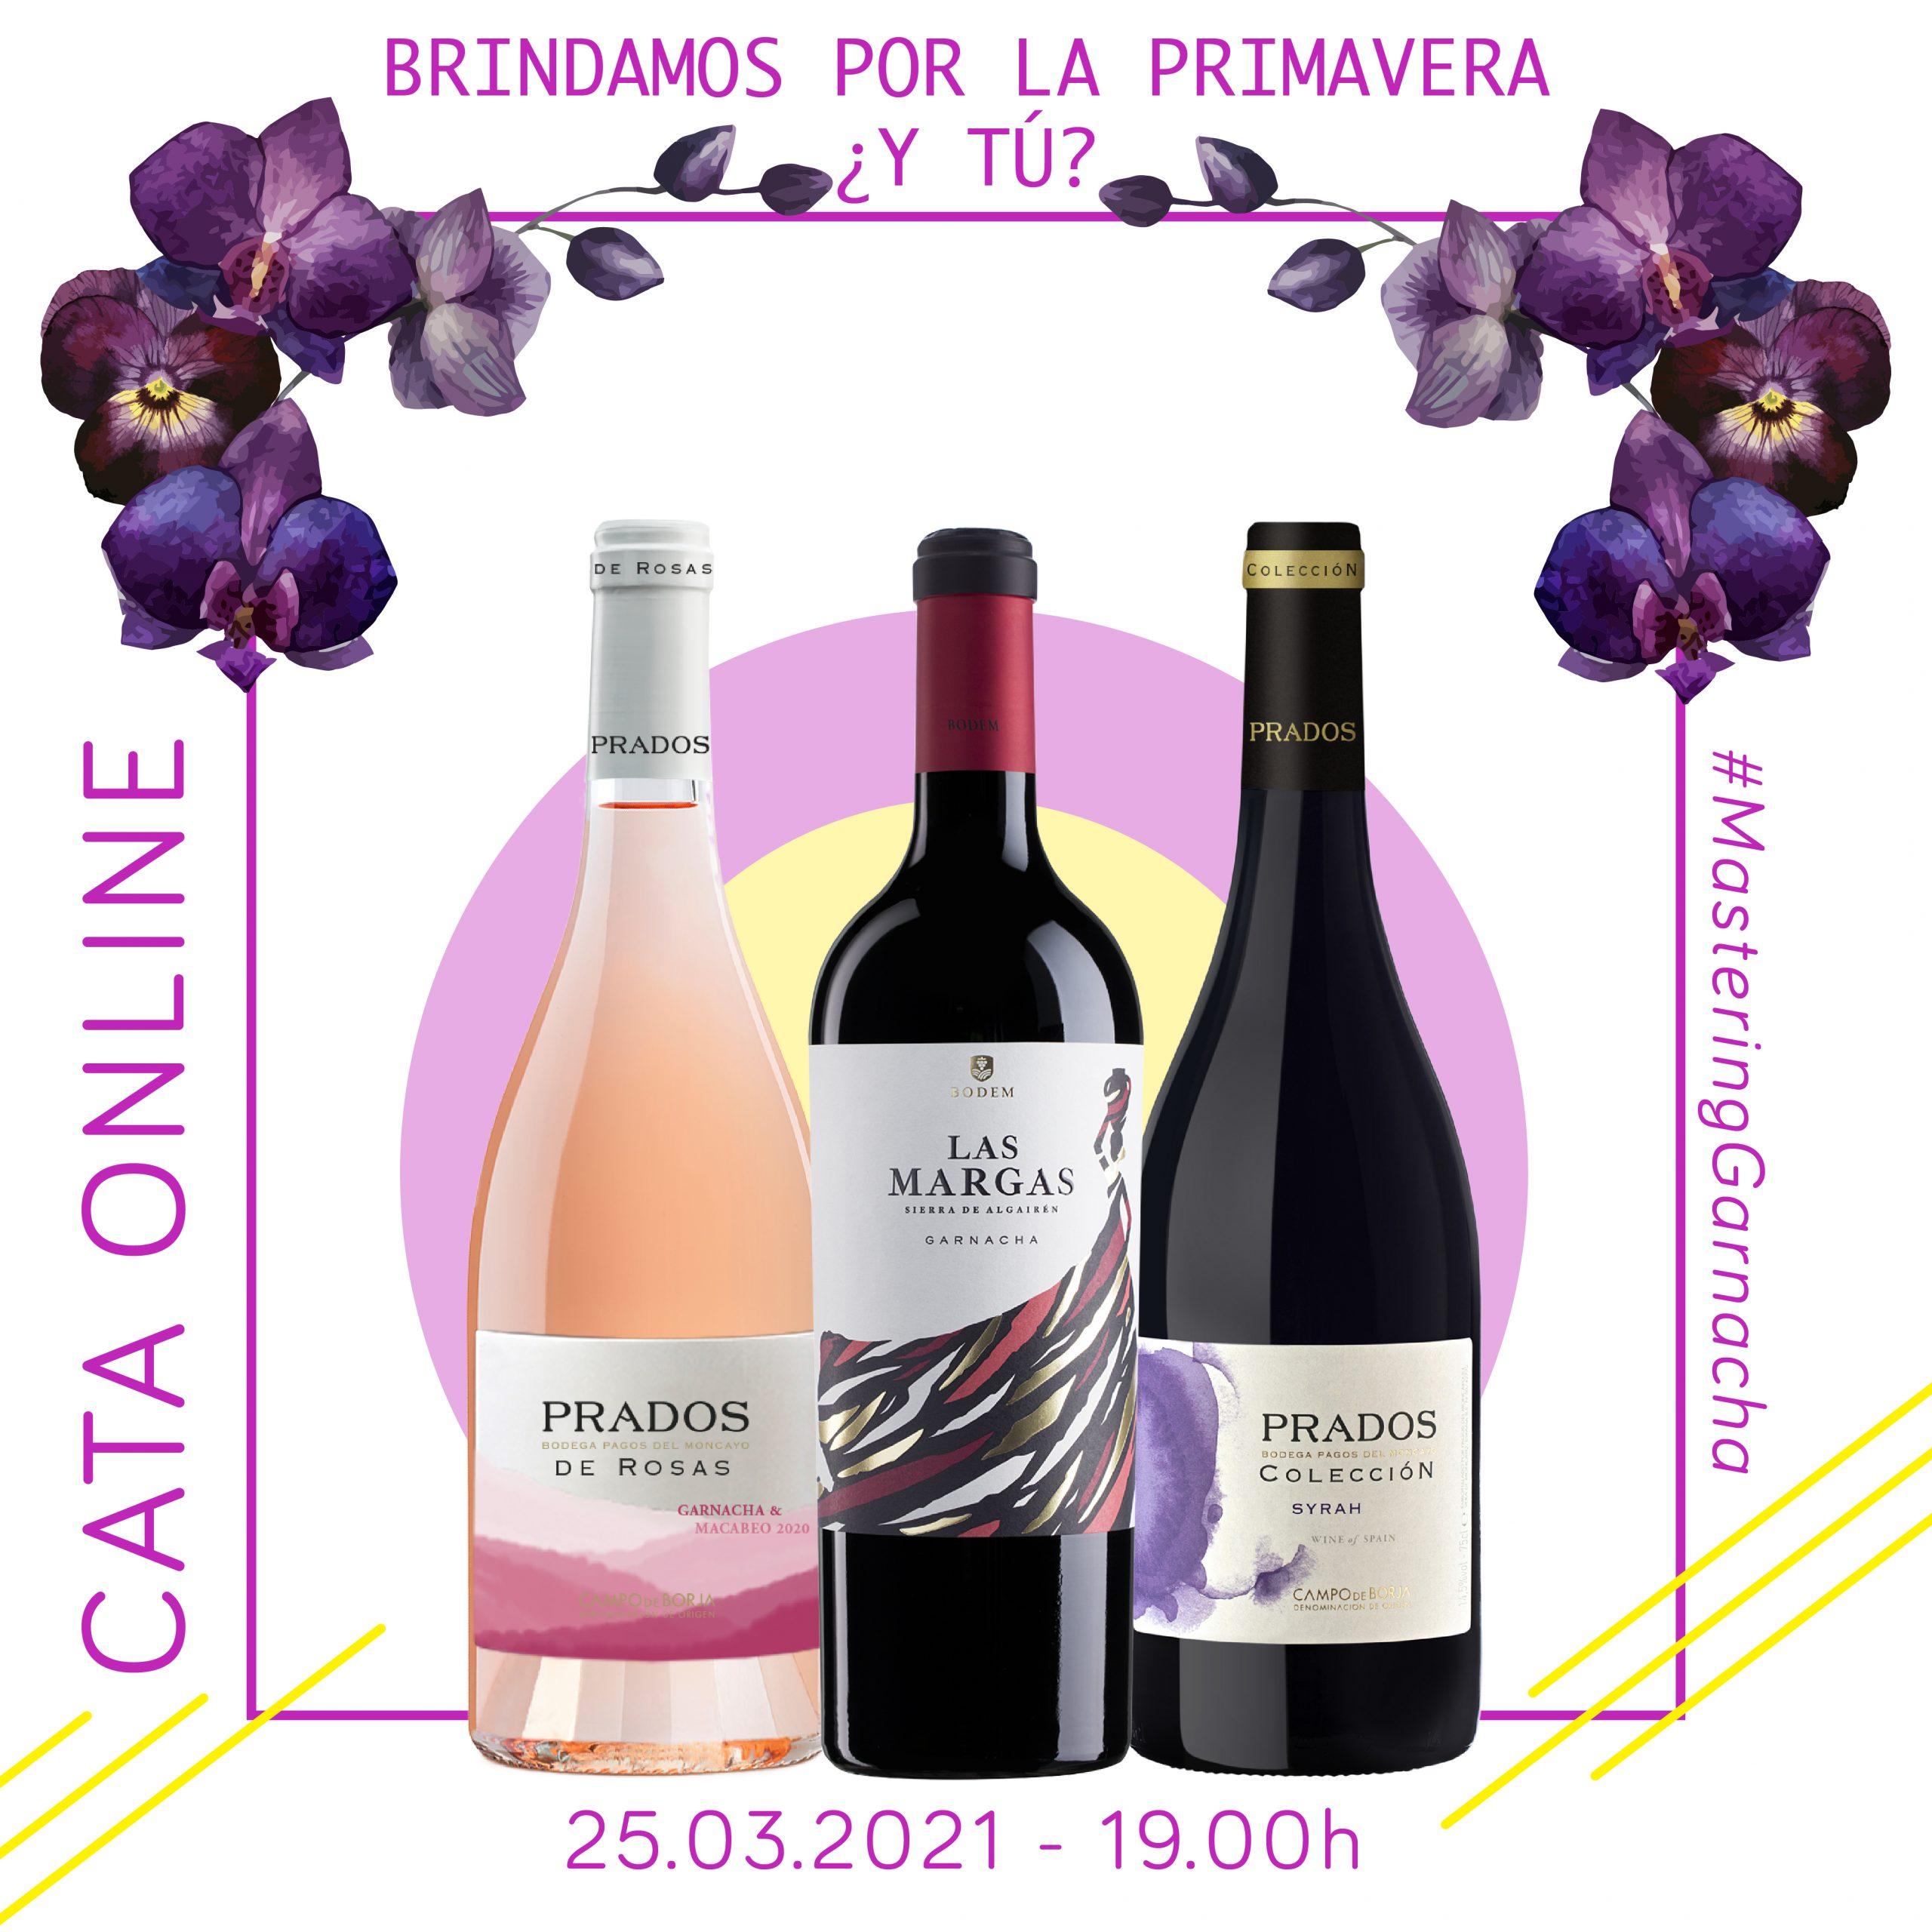 2021_axial_vinos_cata_online_primavera (1)